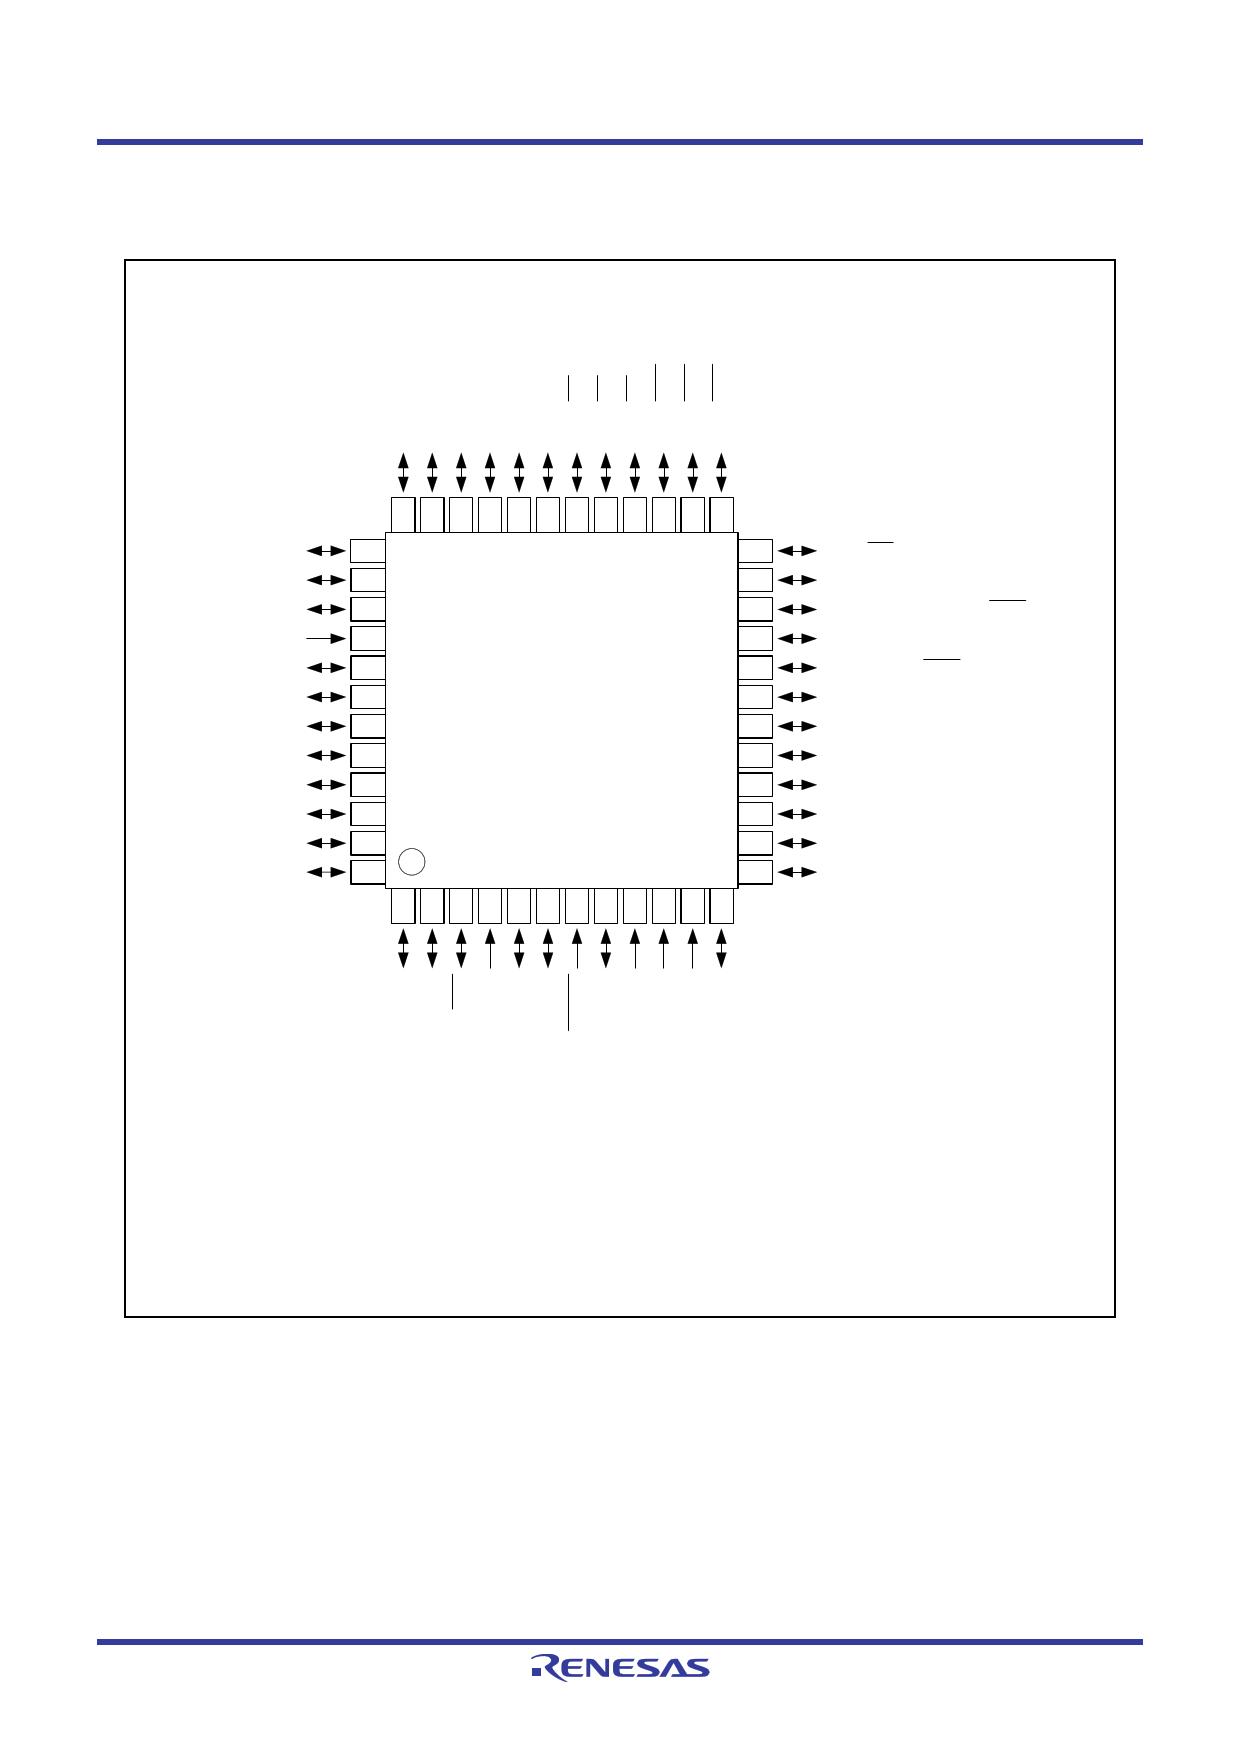 R5F2123CKFP 전자부품, 판매, 대치품